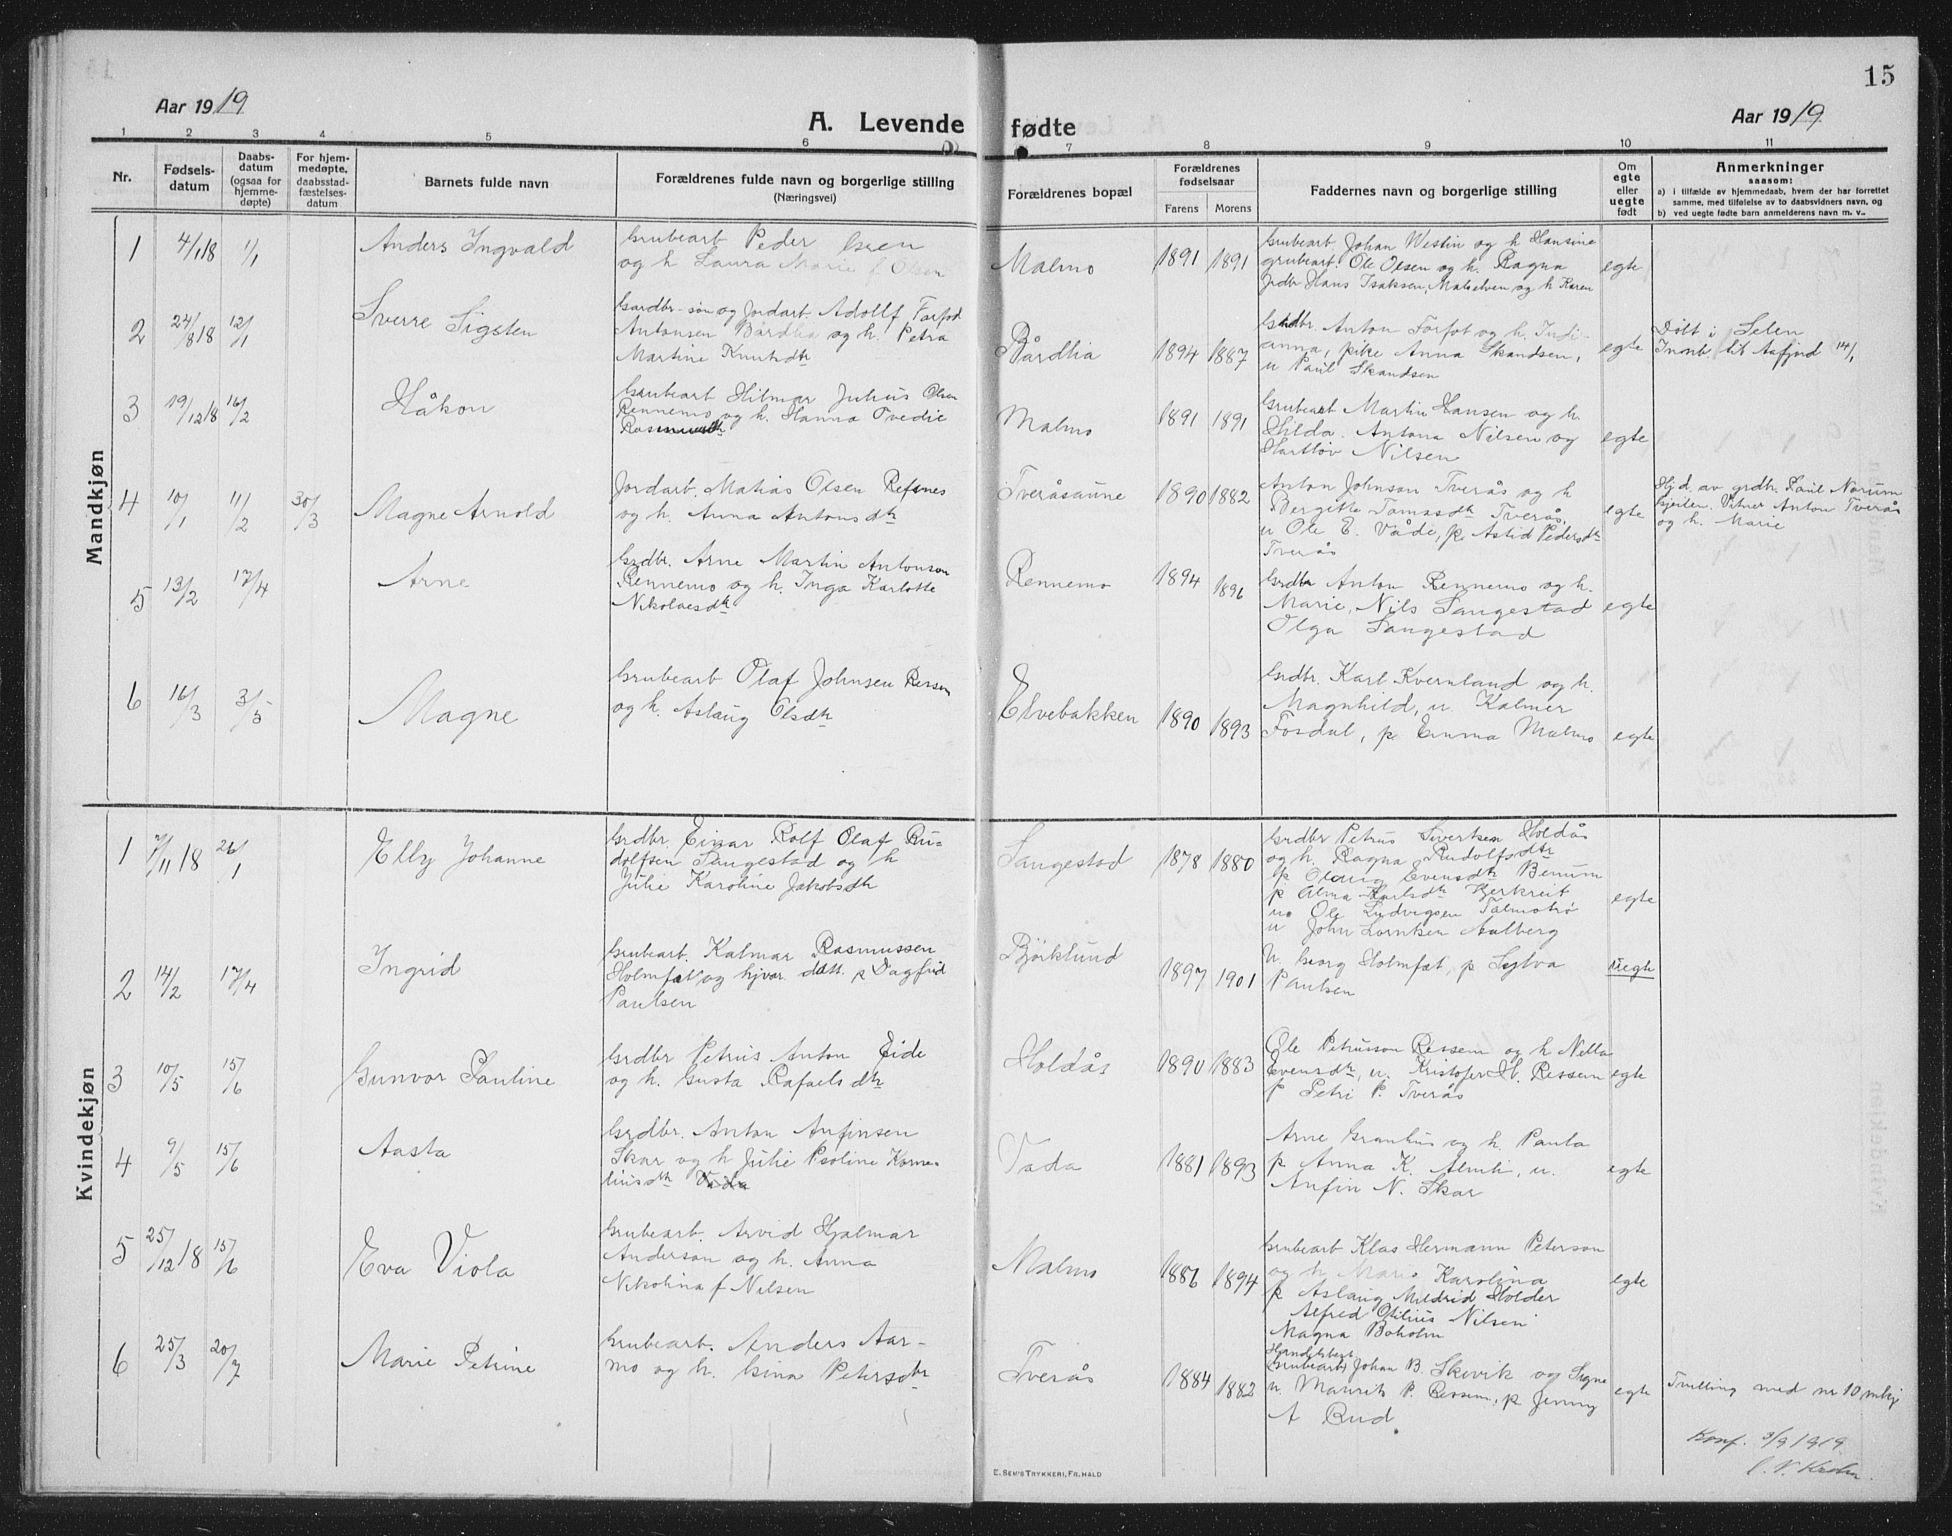 SAT, Ministerialprotokoller, klokkerbøker og fødselsregistre - Nord-Trøndelag, 745/L0434: Klokkerbok nr. 745C03, 1914-1937, s. 15